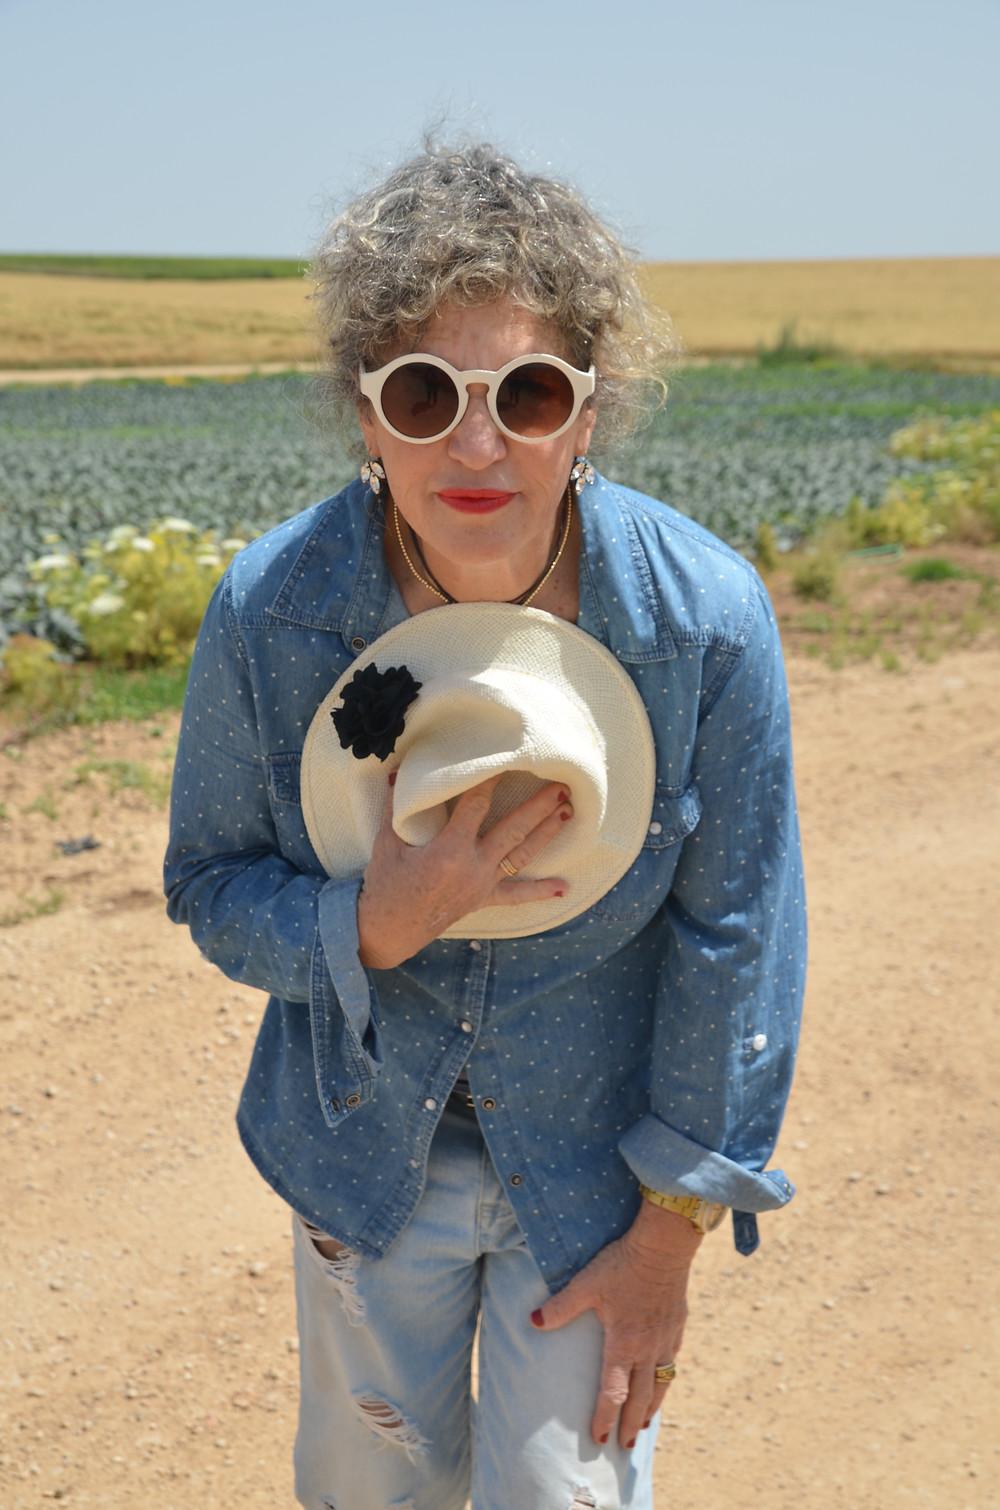 אירית משתחווה מחזיקה כובע בסמוך  לחזה צילומם מאירה